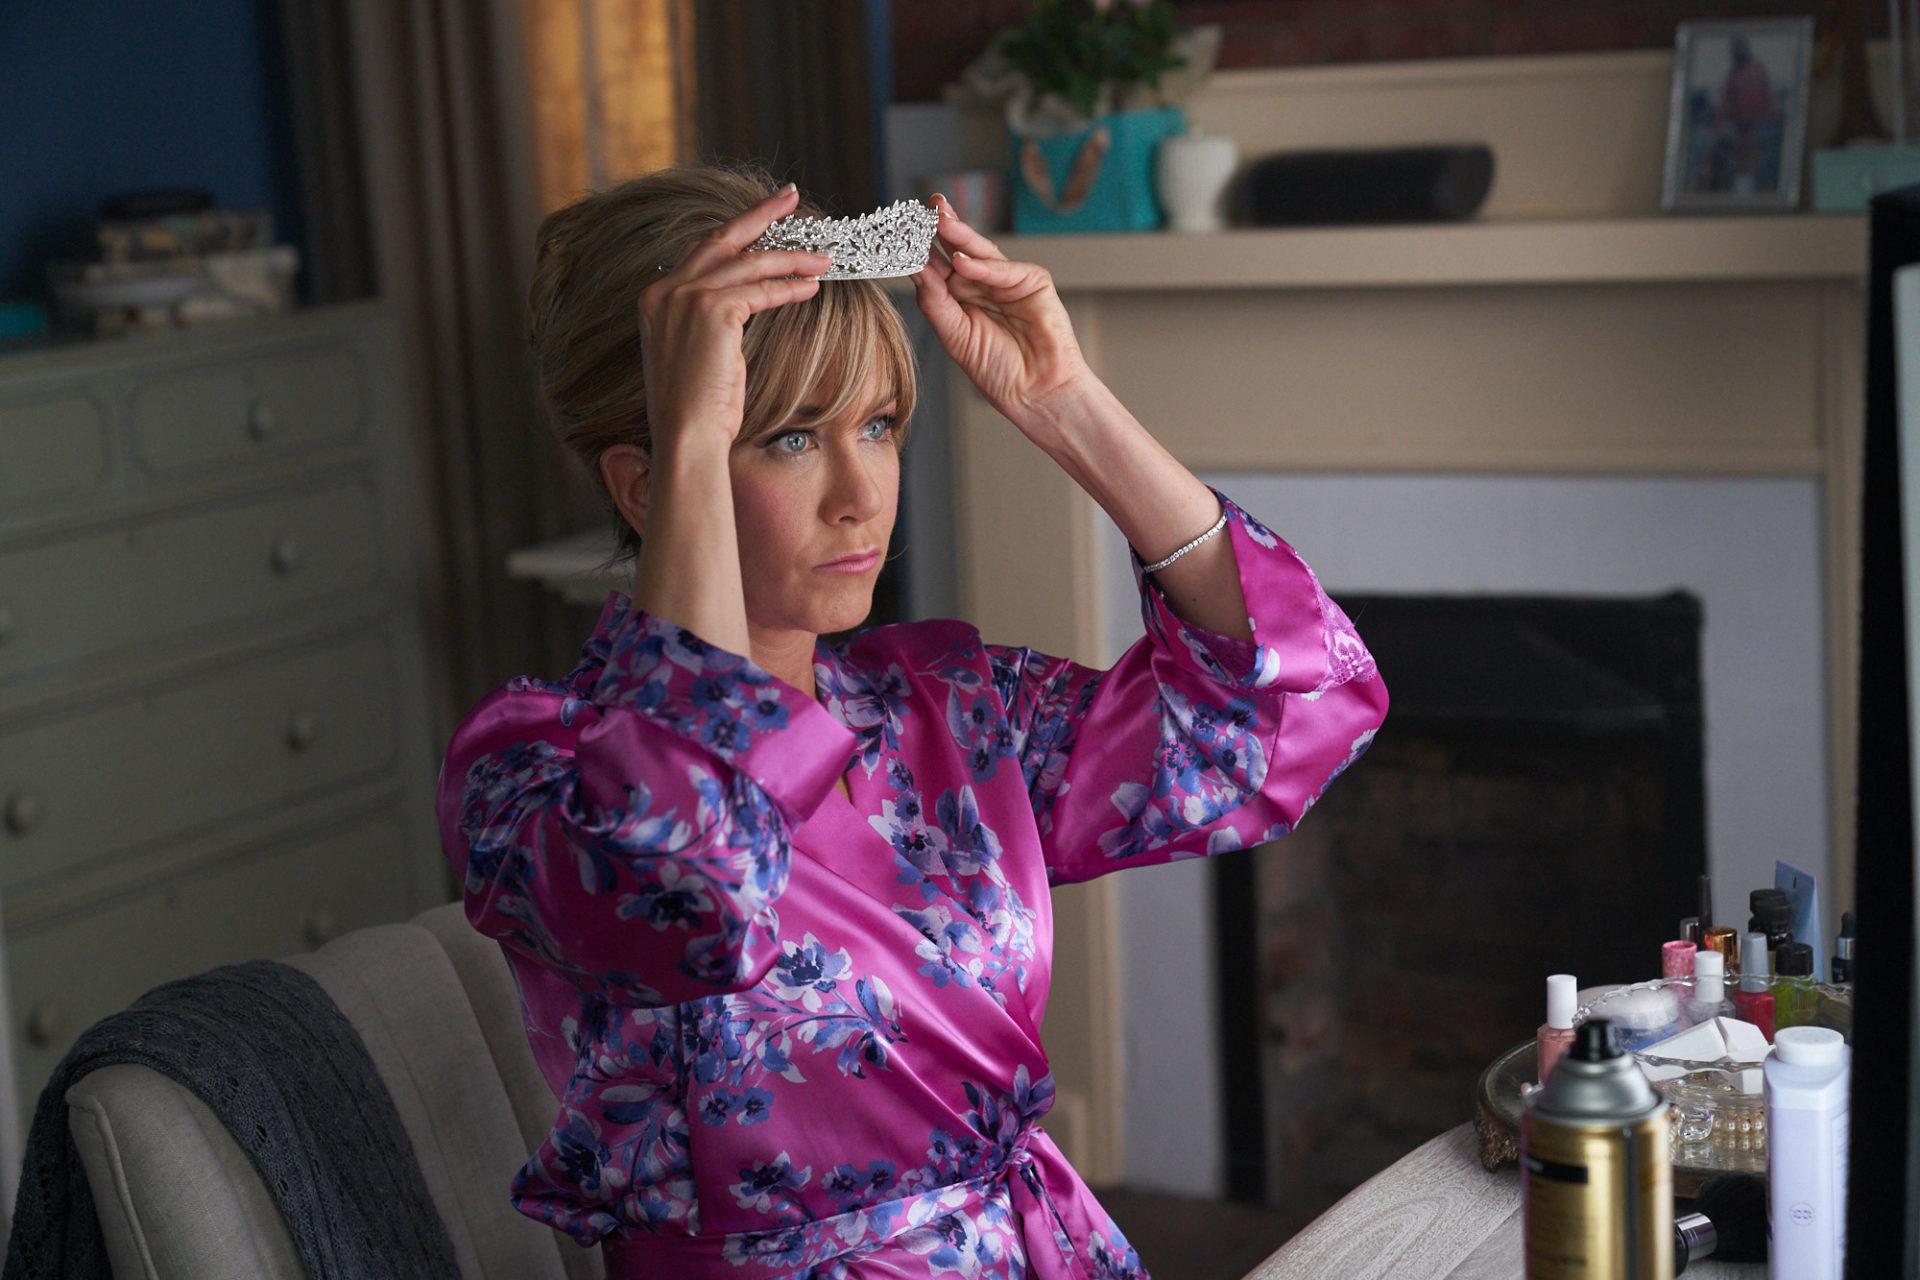 《愛情限時簽》賣座名導全新喜劇《女王特大號》珍妮佛安妮斯頓首度「開金嗓」入圍葛萊美